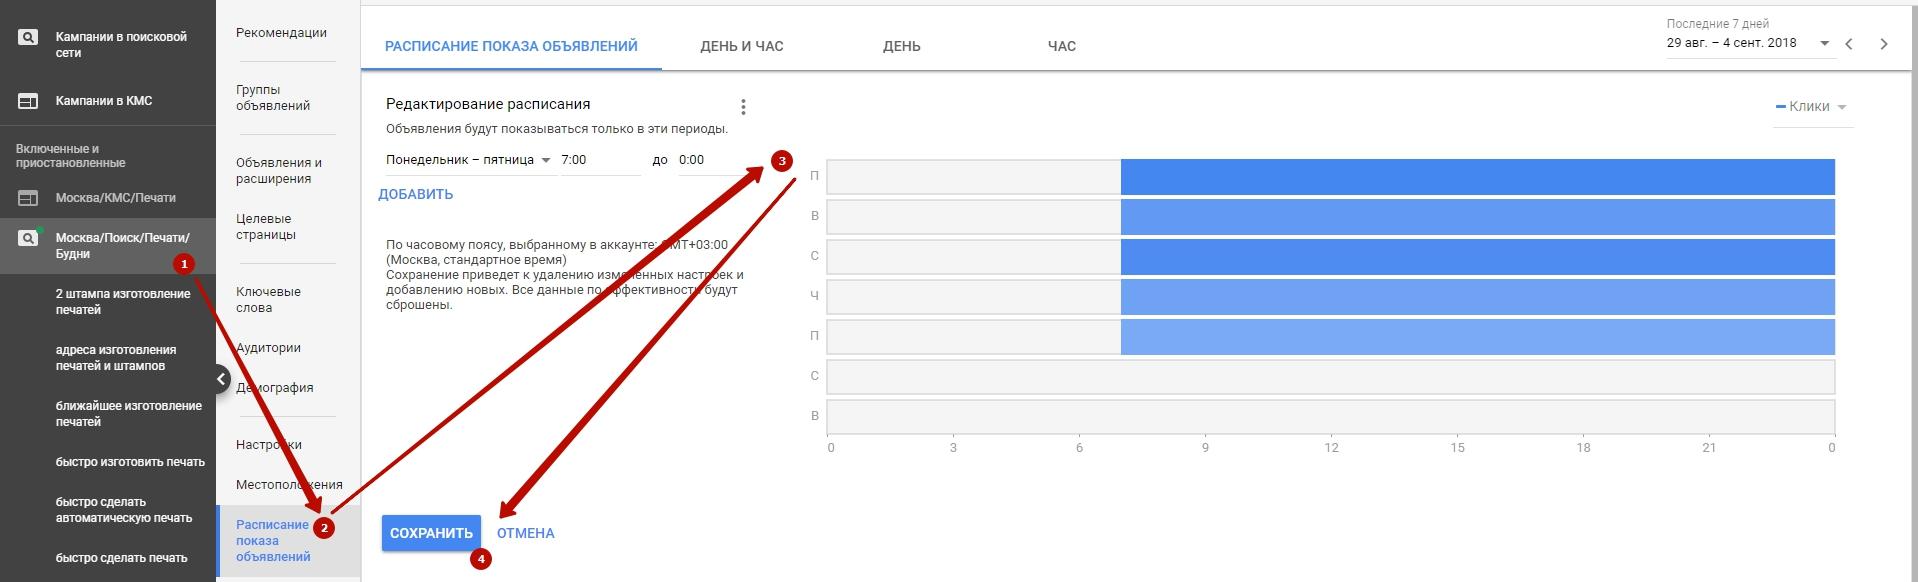 Оптимизация контекстной рекламы – назначение расписания рекламной кампании в Google Ads